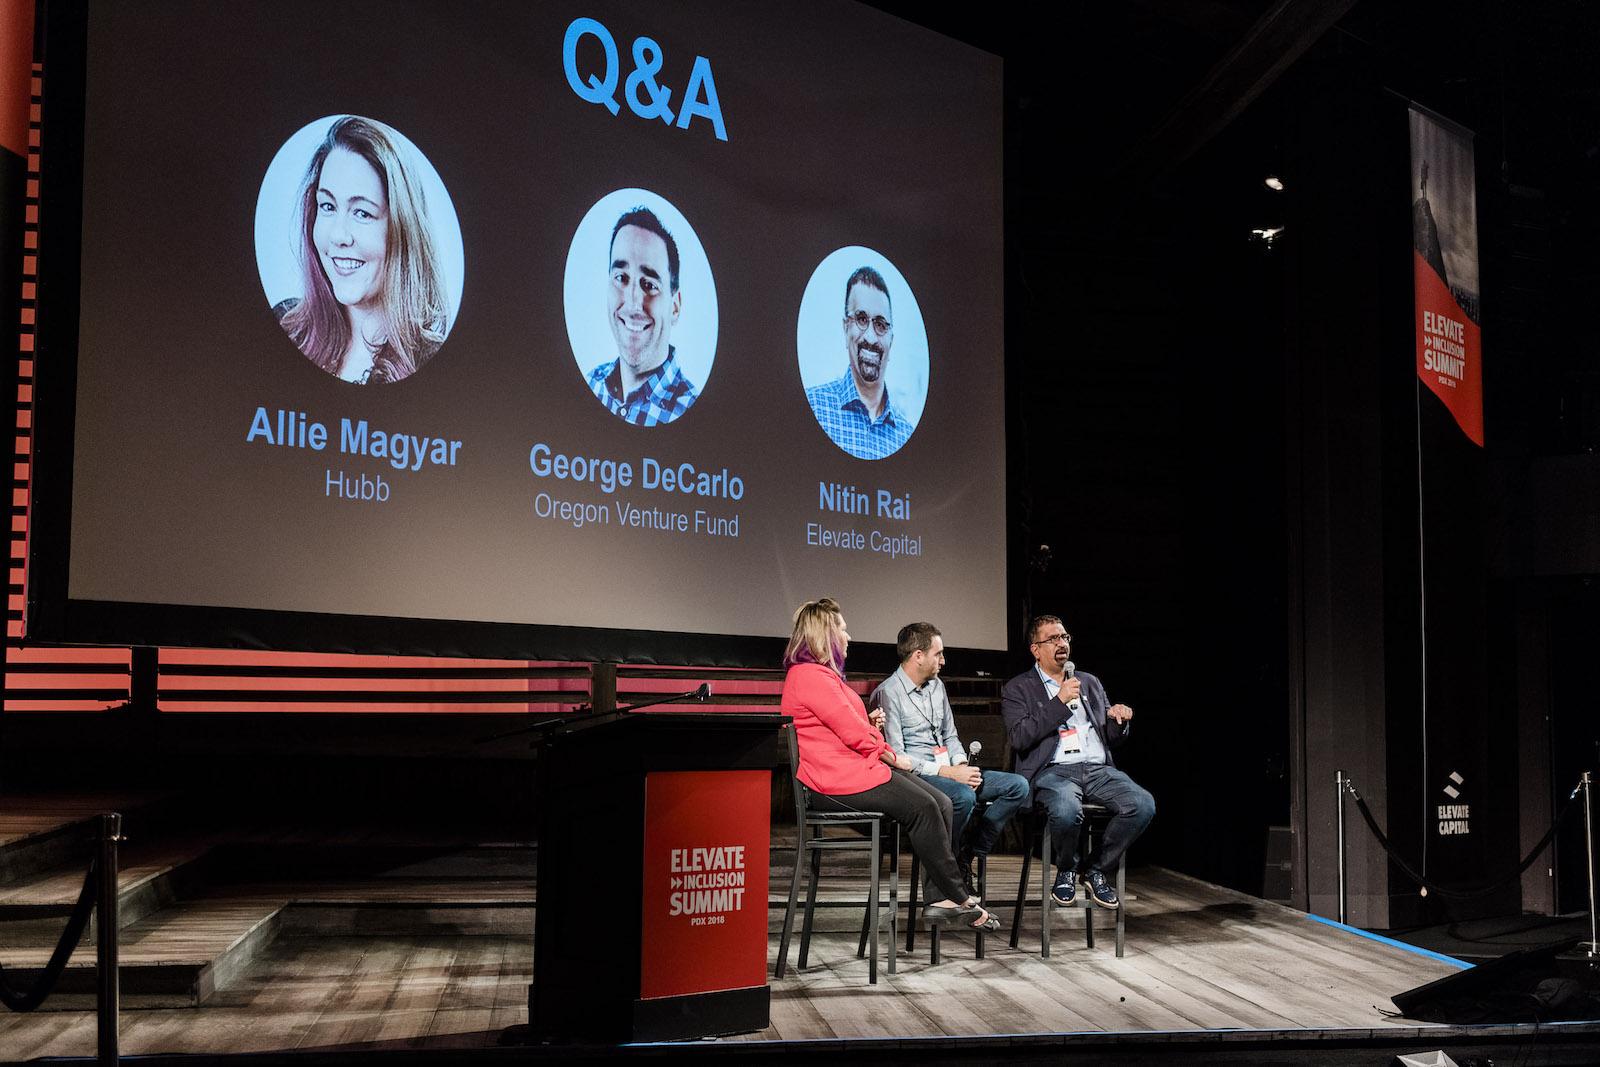 Allie Magyar Hubb CEO Elevate Inclusion Summit 2018.jpg